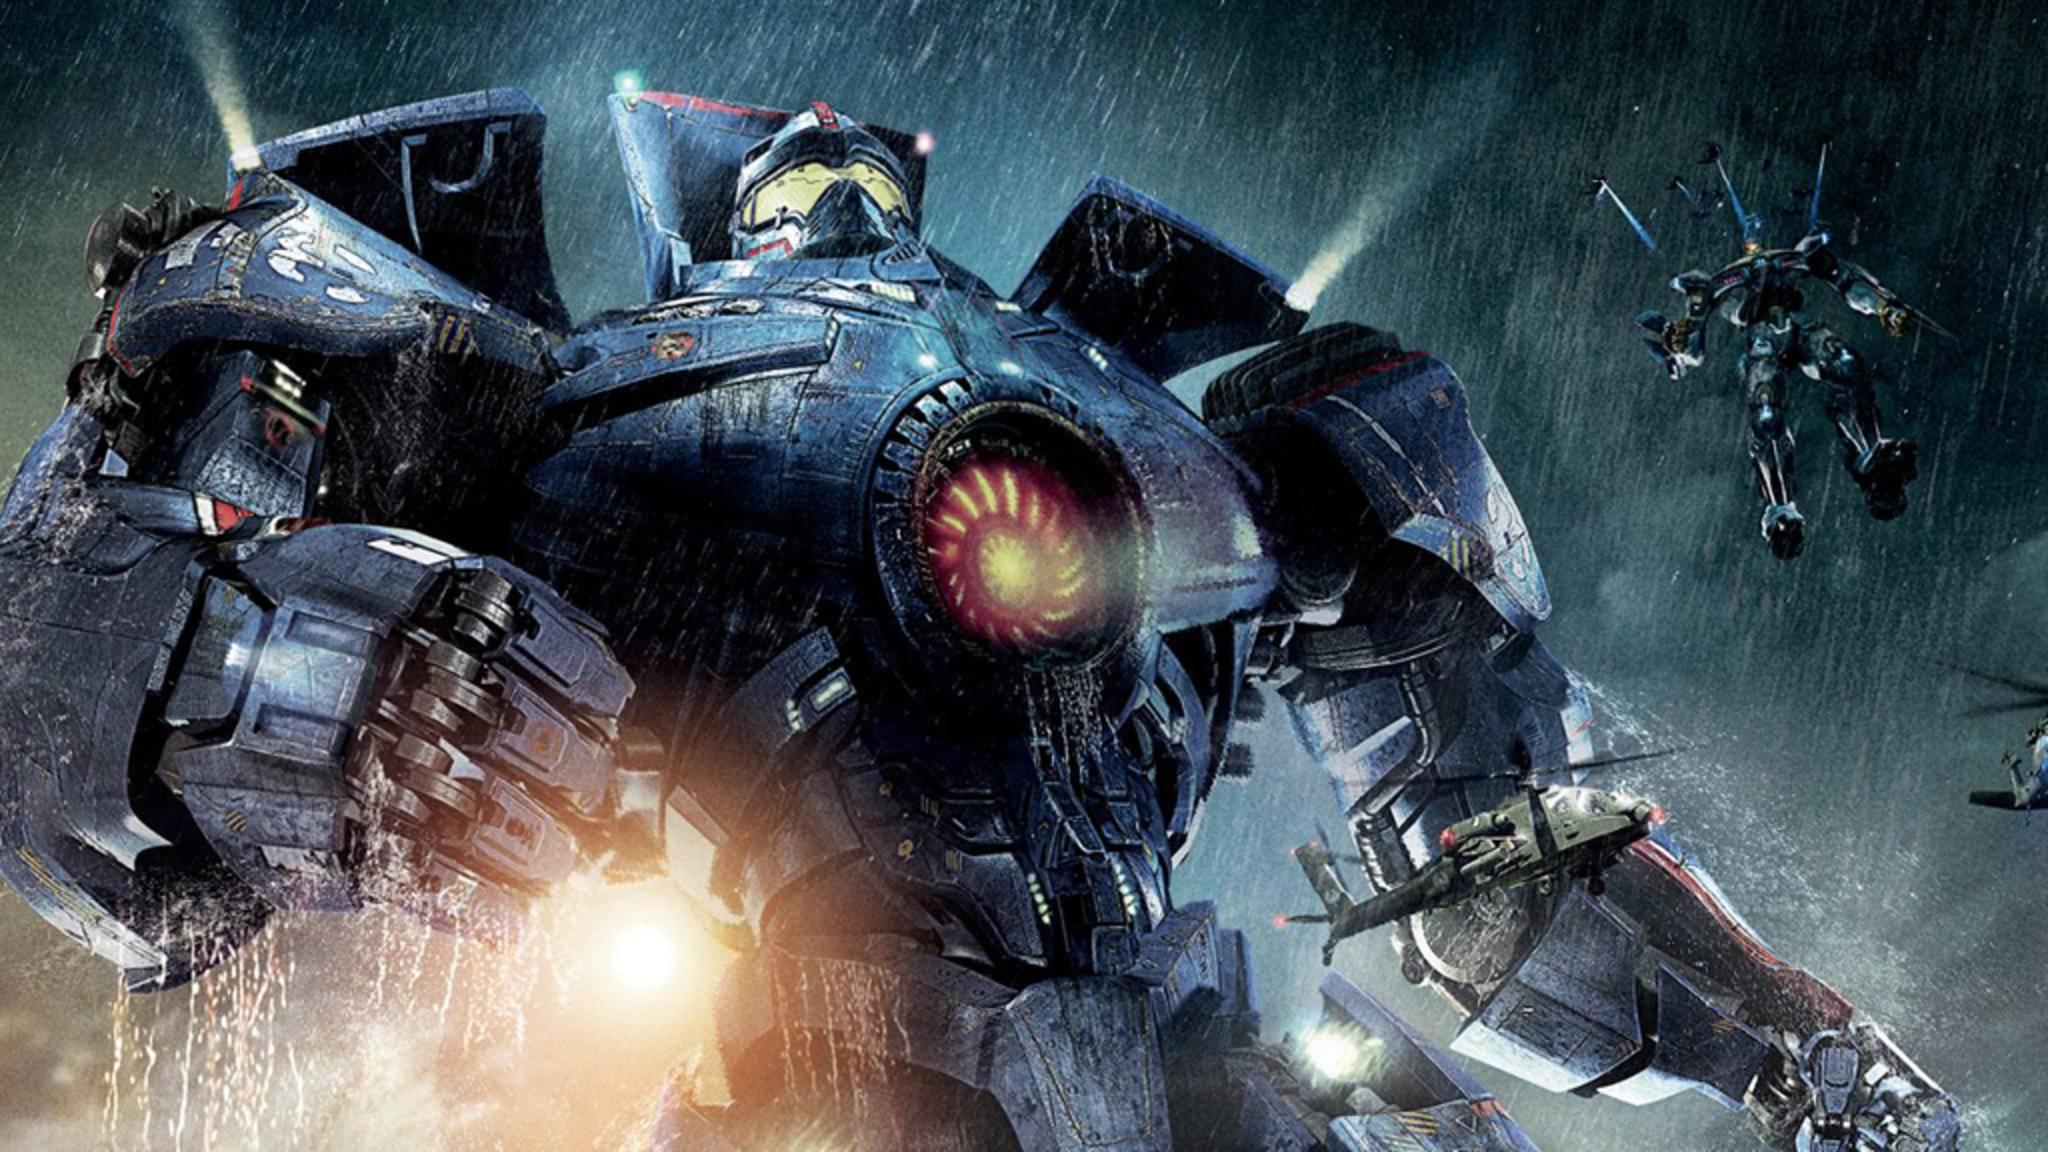 """Die Roboter-vs-Monster-Action wird in """"Pacific Rim 2"""" definitiv weitergehen."""